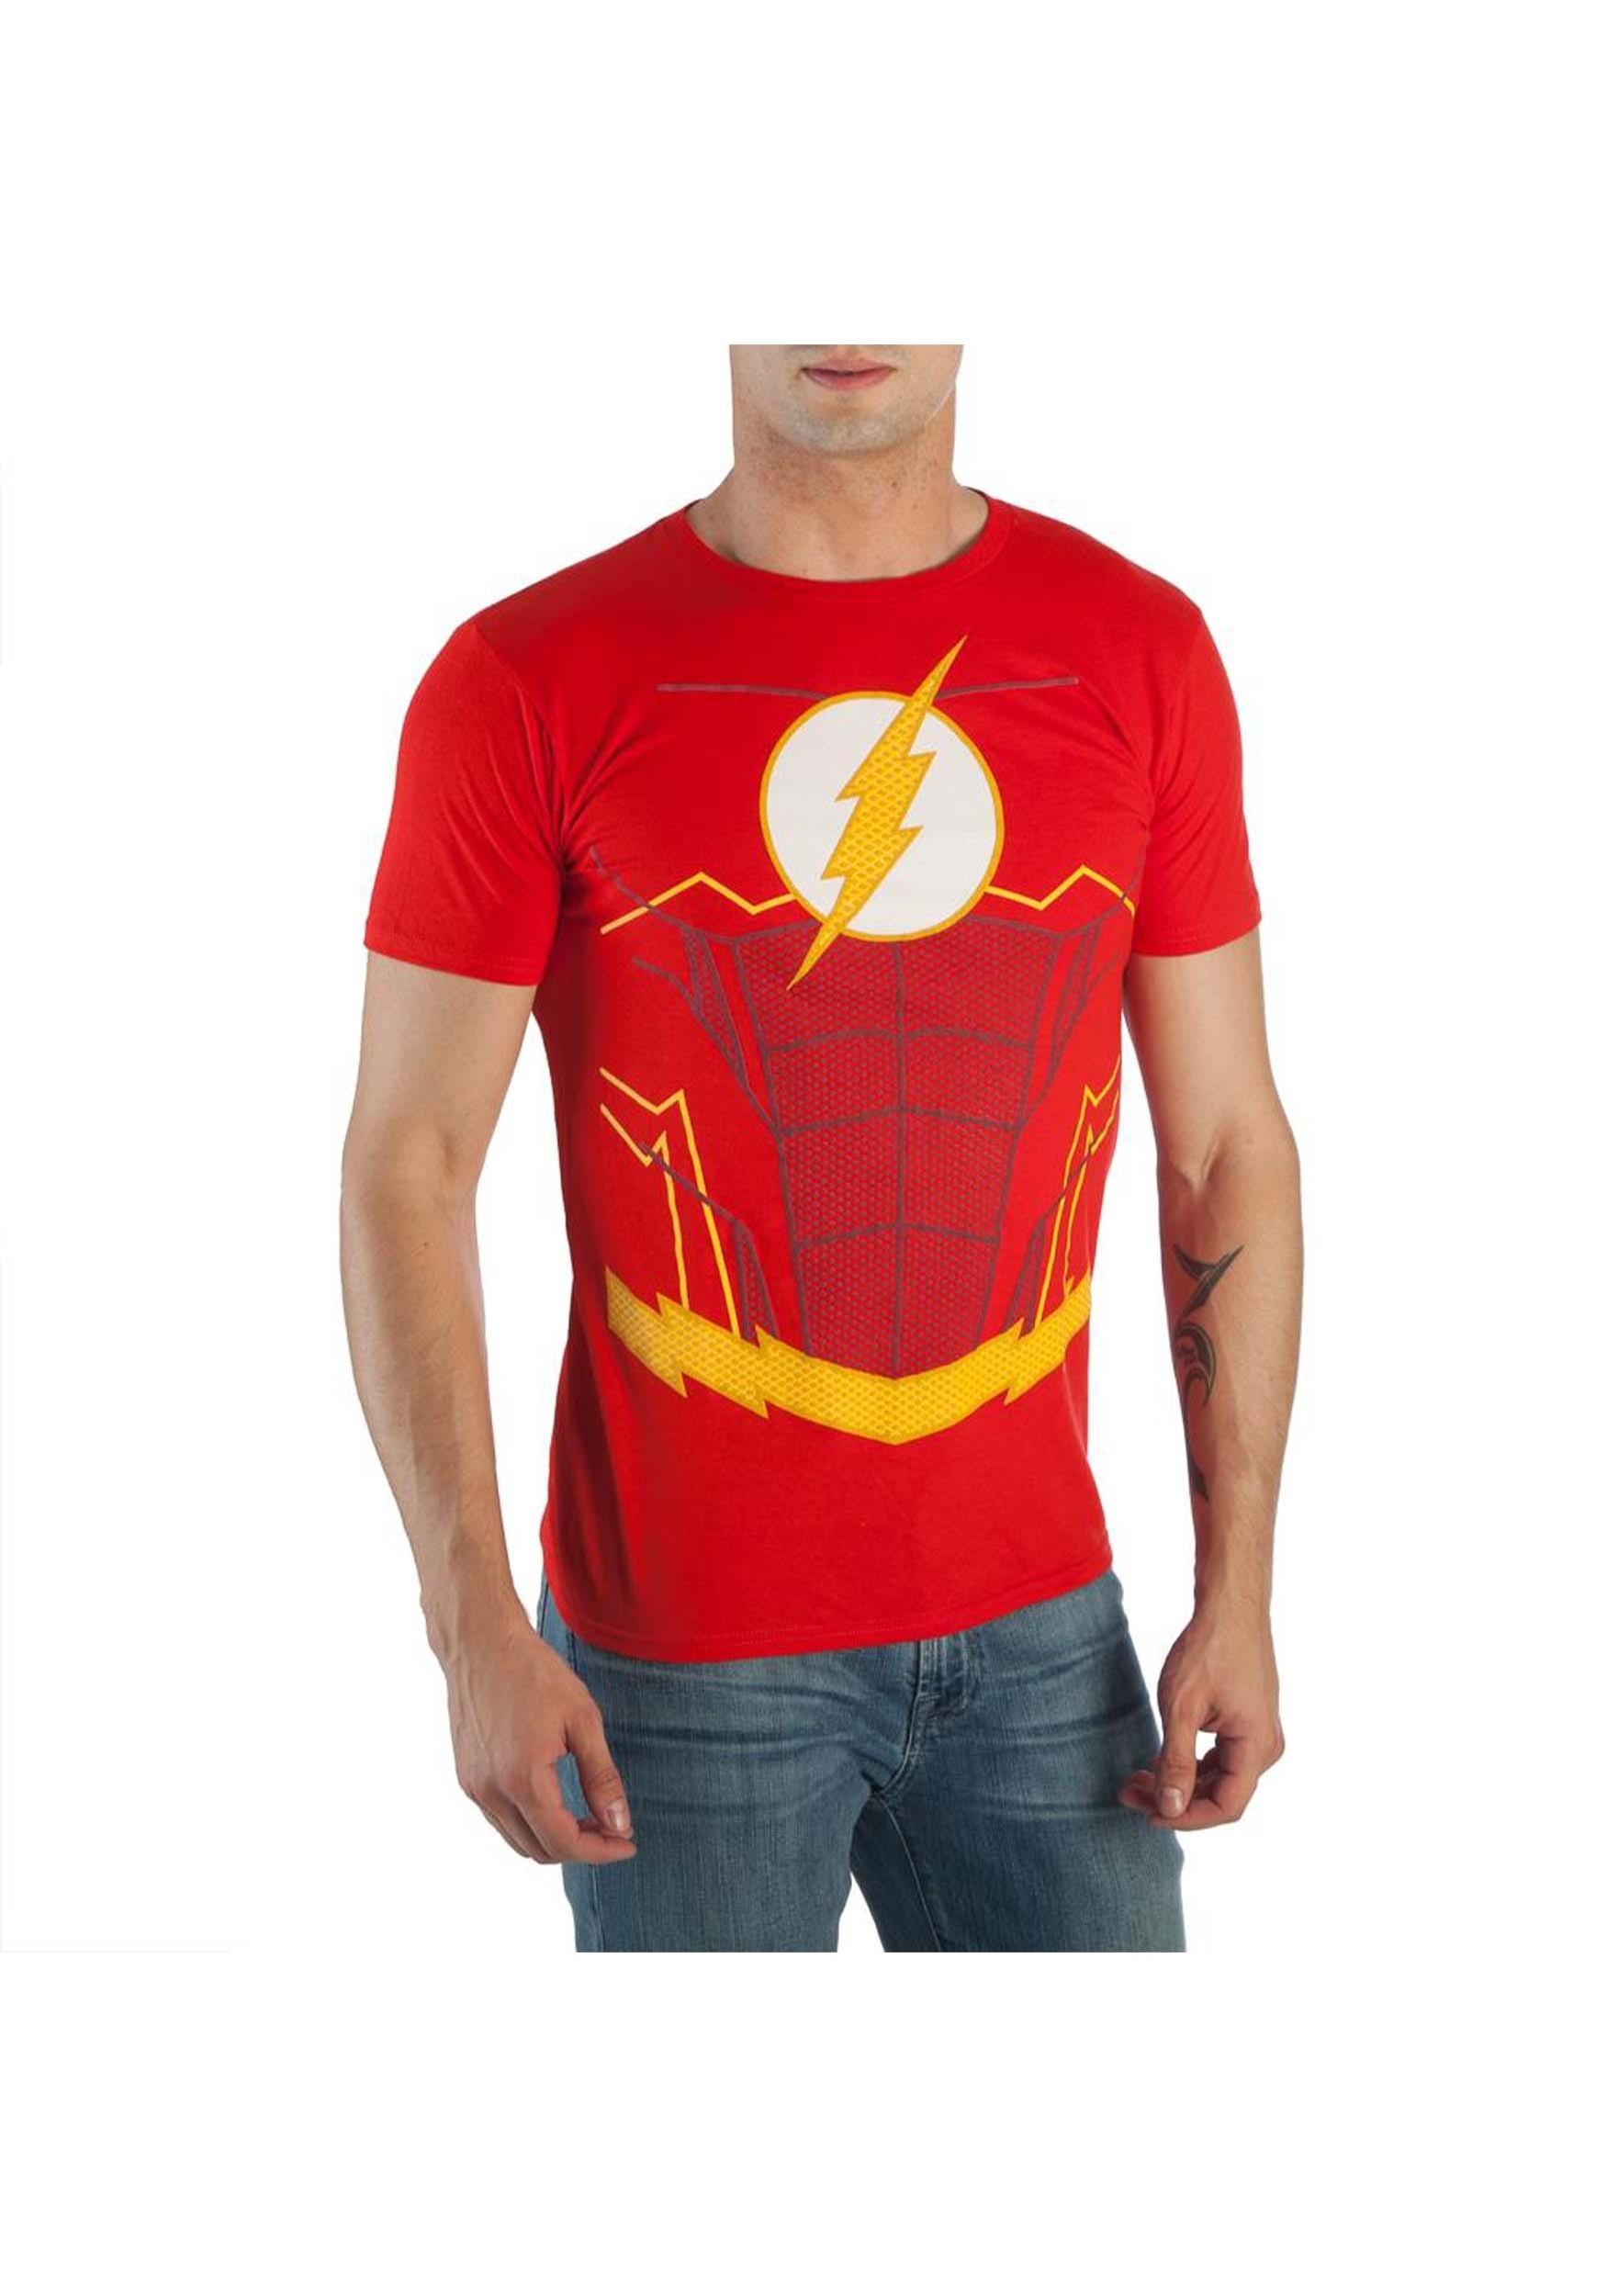 Shirt Up Men's Costume Suit Flash T rshCQdt